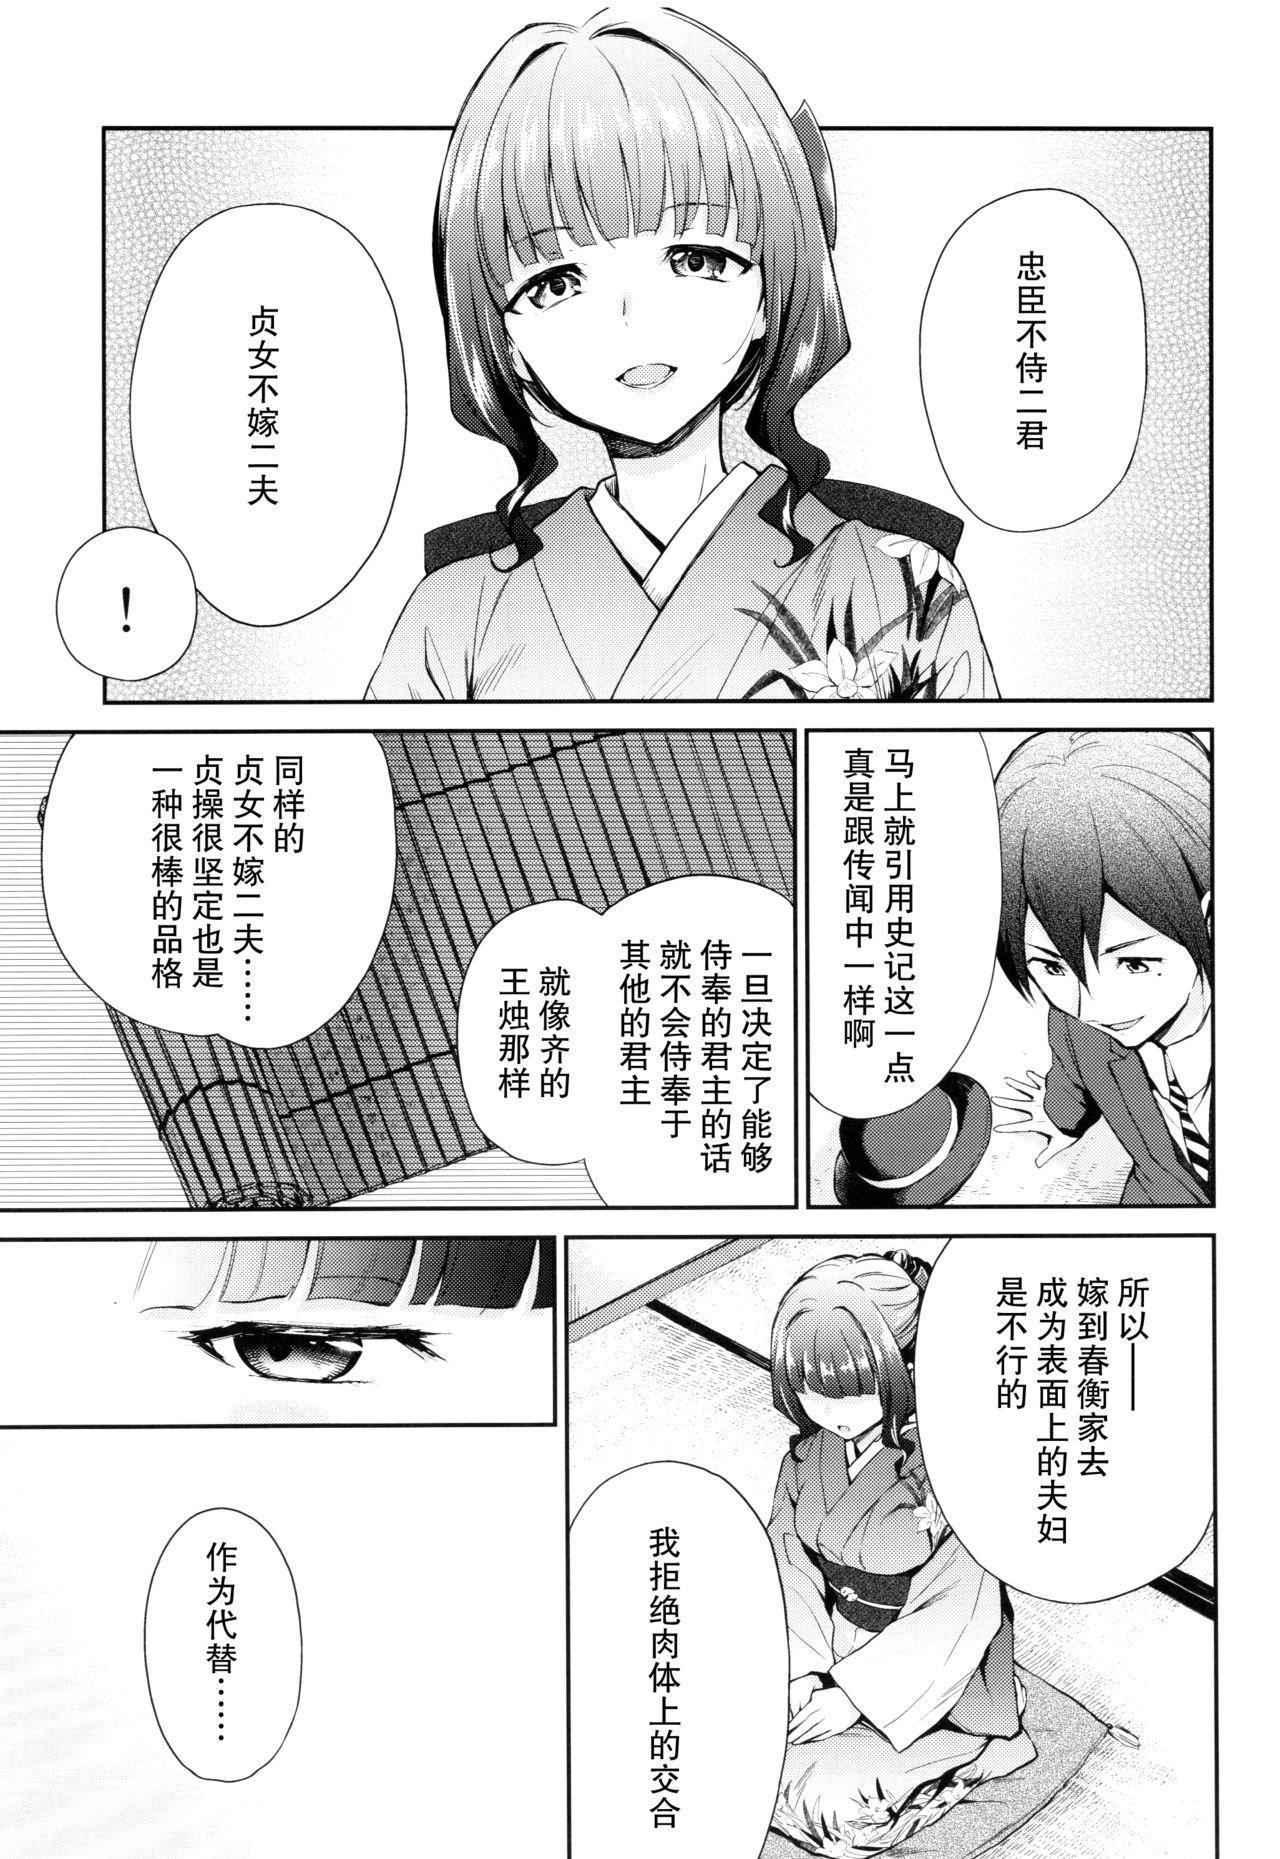 Haruhira Hakushaku-ke no Jijou Go 5